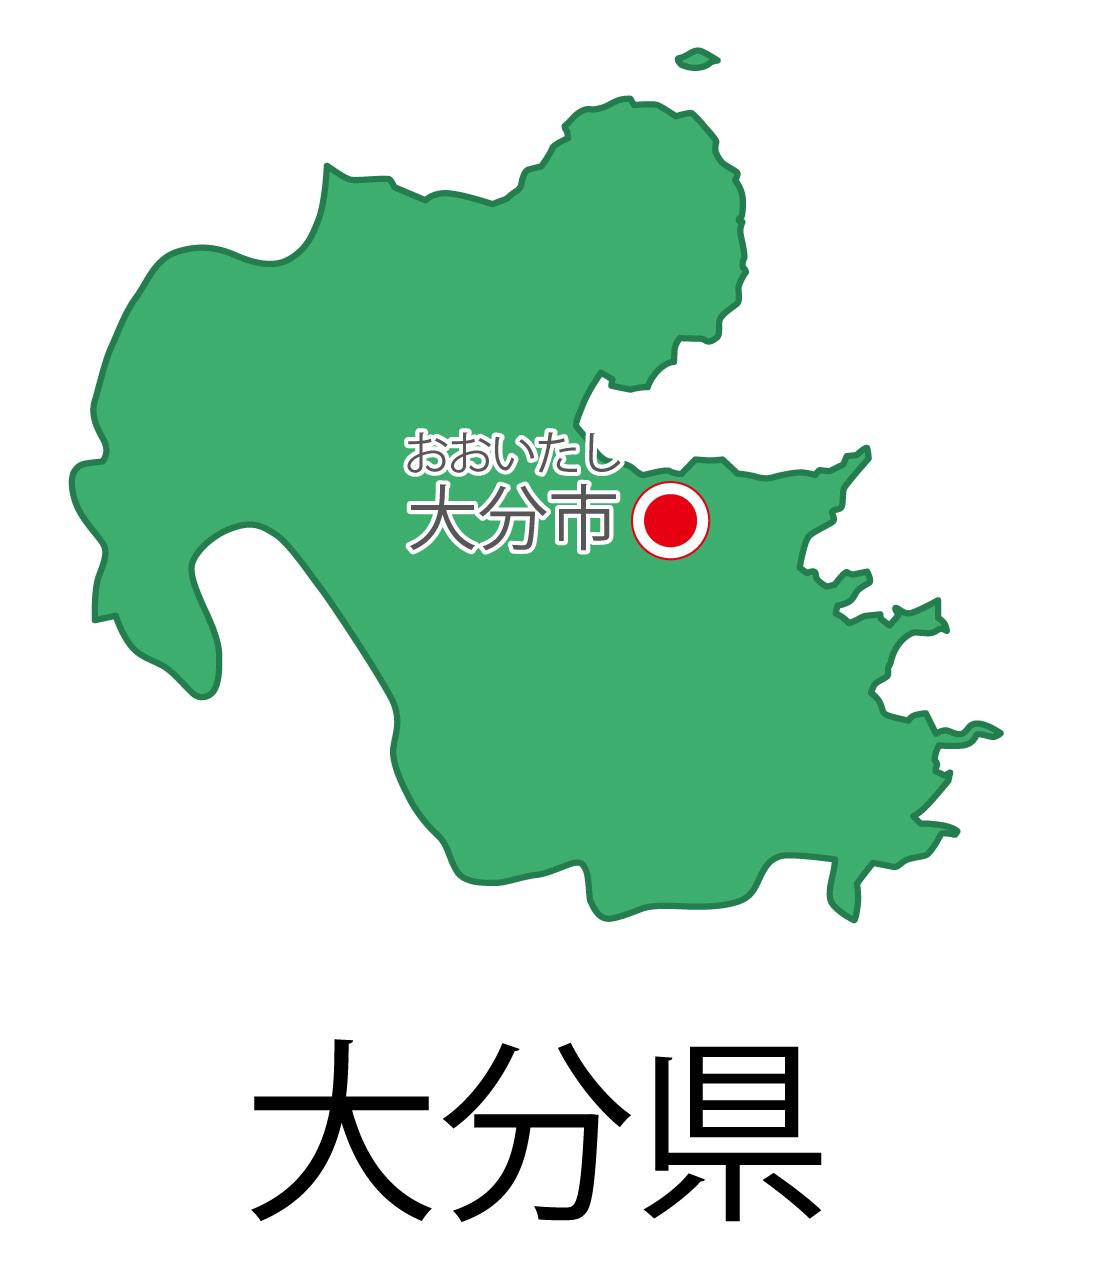 大分県無料フリーイラスト|日本語・都道府県名あり・県庁所在地あり・ルビあり(緑)